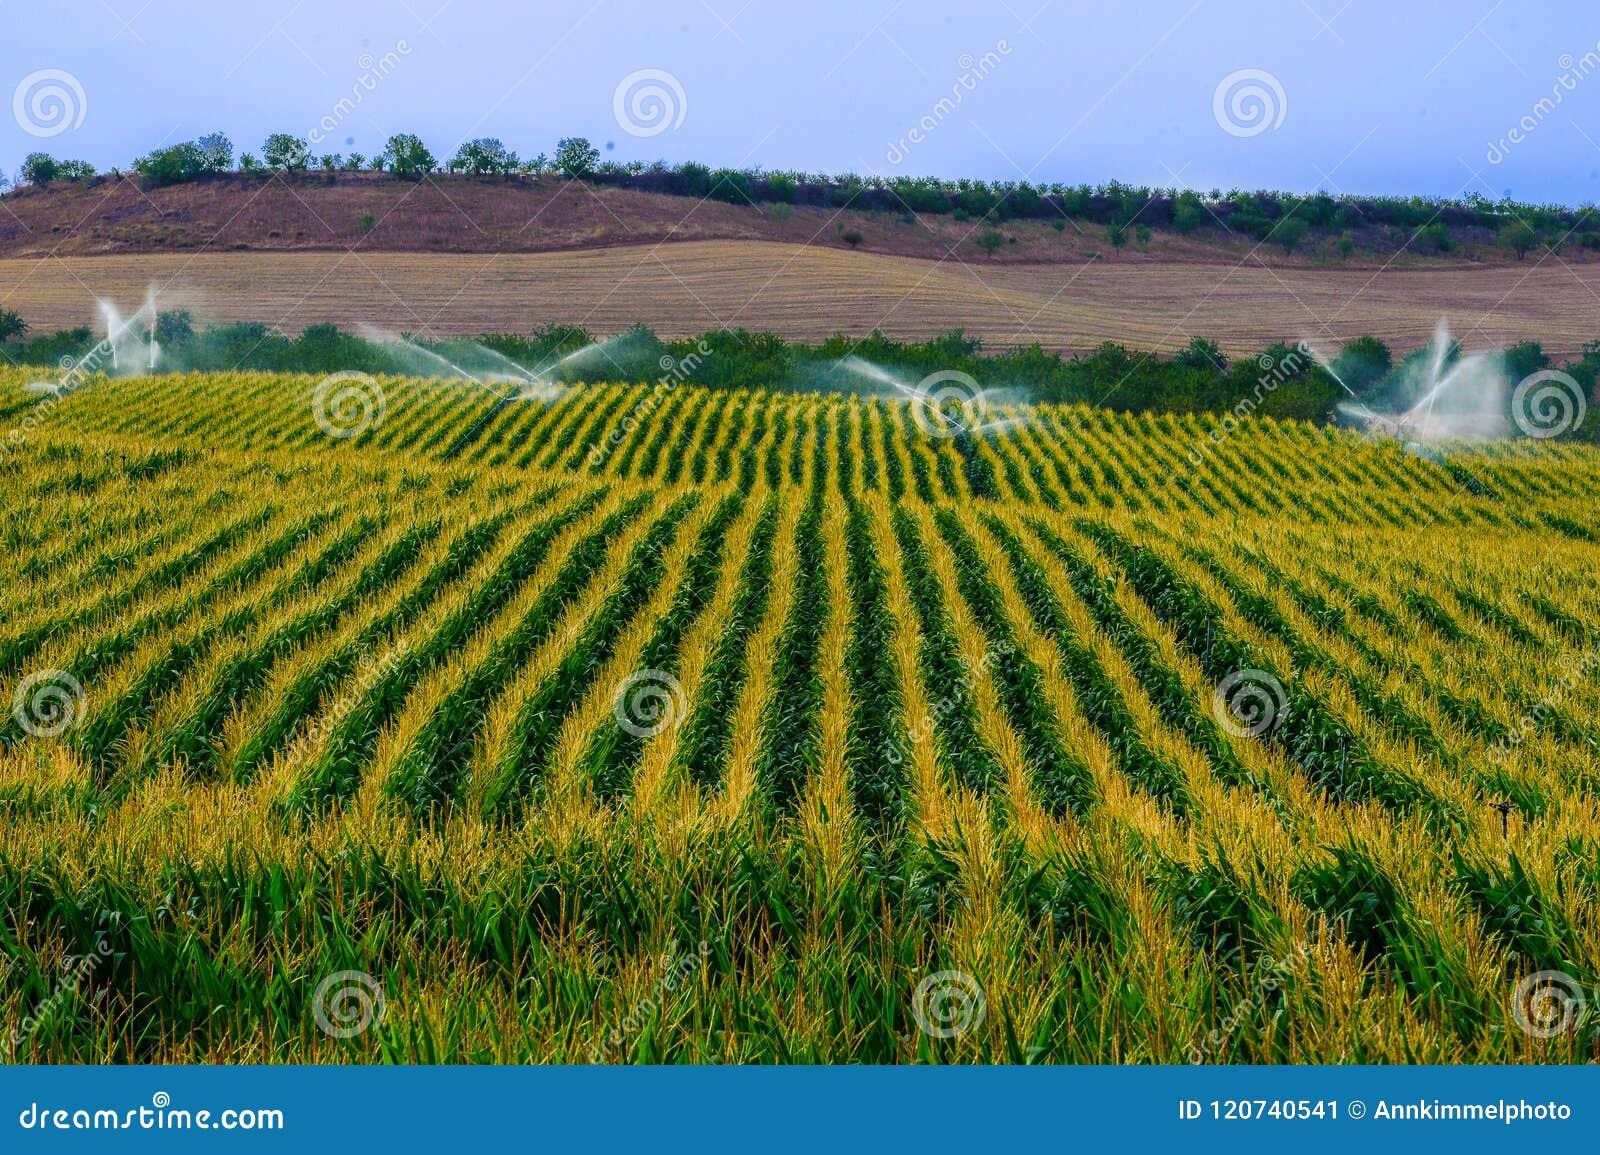 Grünes Feld mit wachsender Ernte von Mais sprinckled durch Wasser unter Verwendung